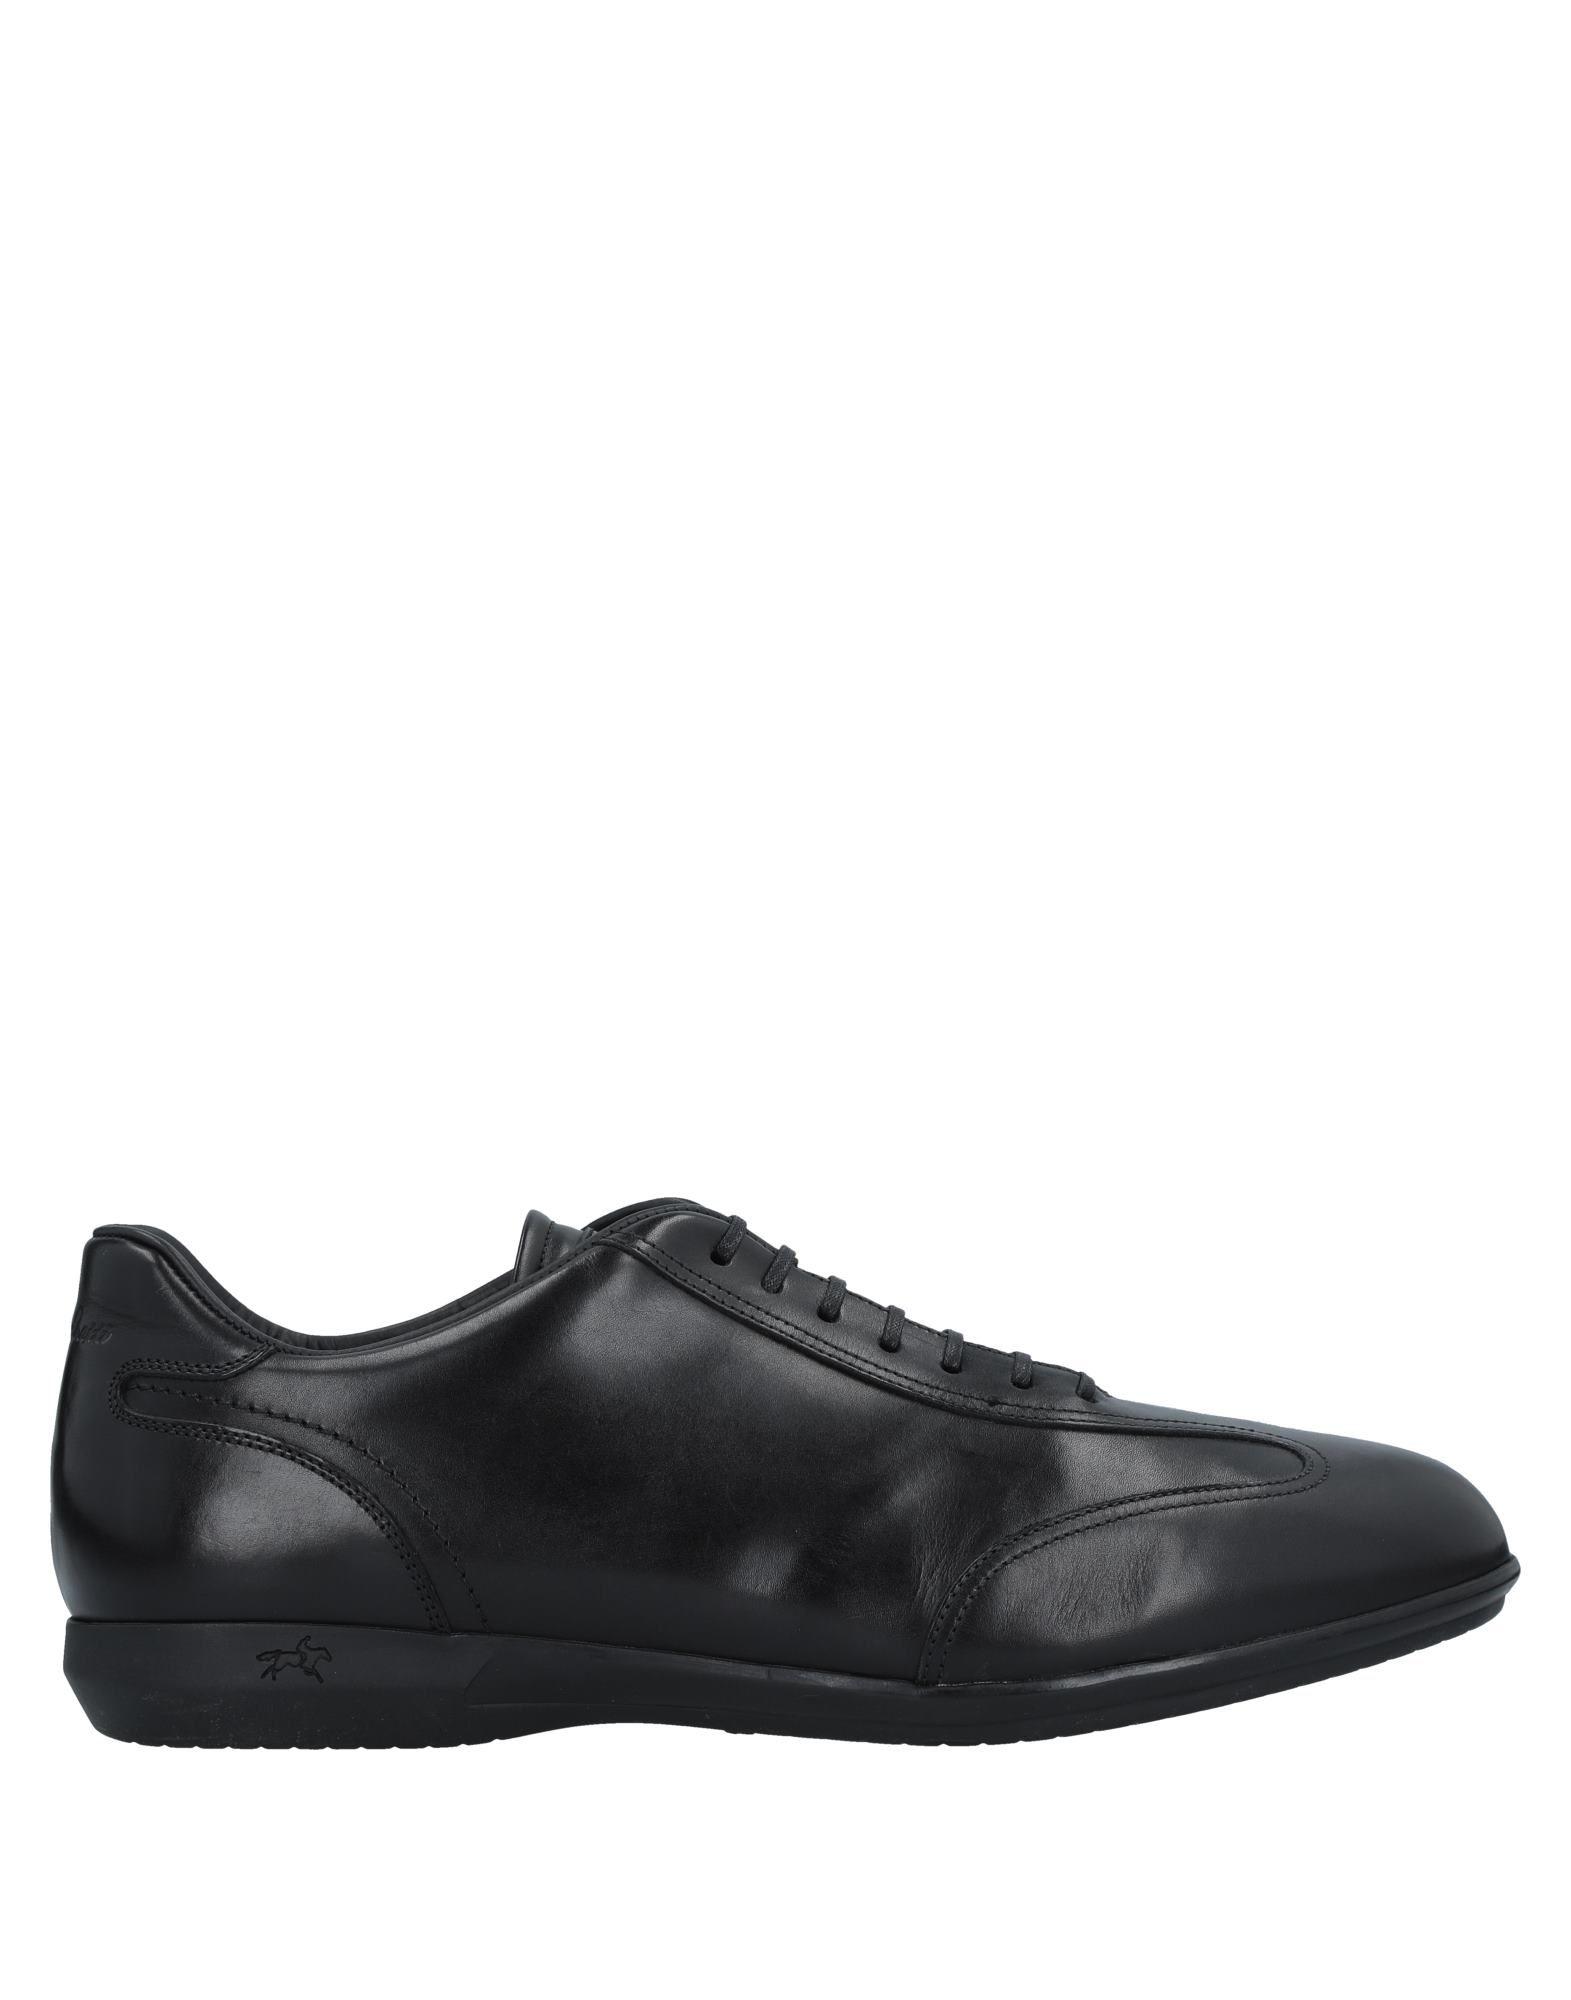 Moda Sneakers Franceschetti Uomo - 11533580LF